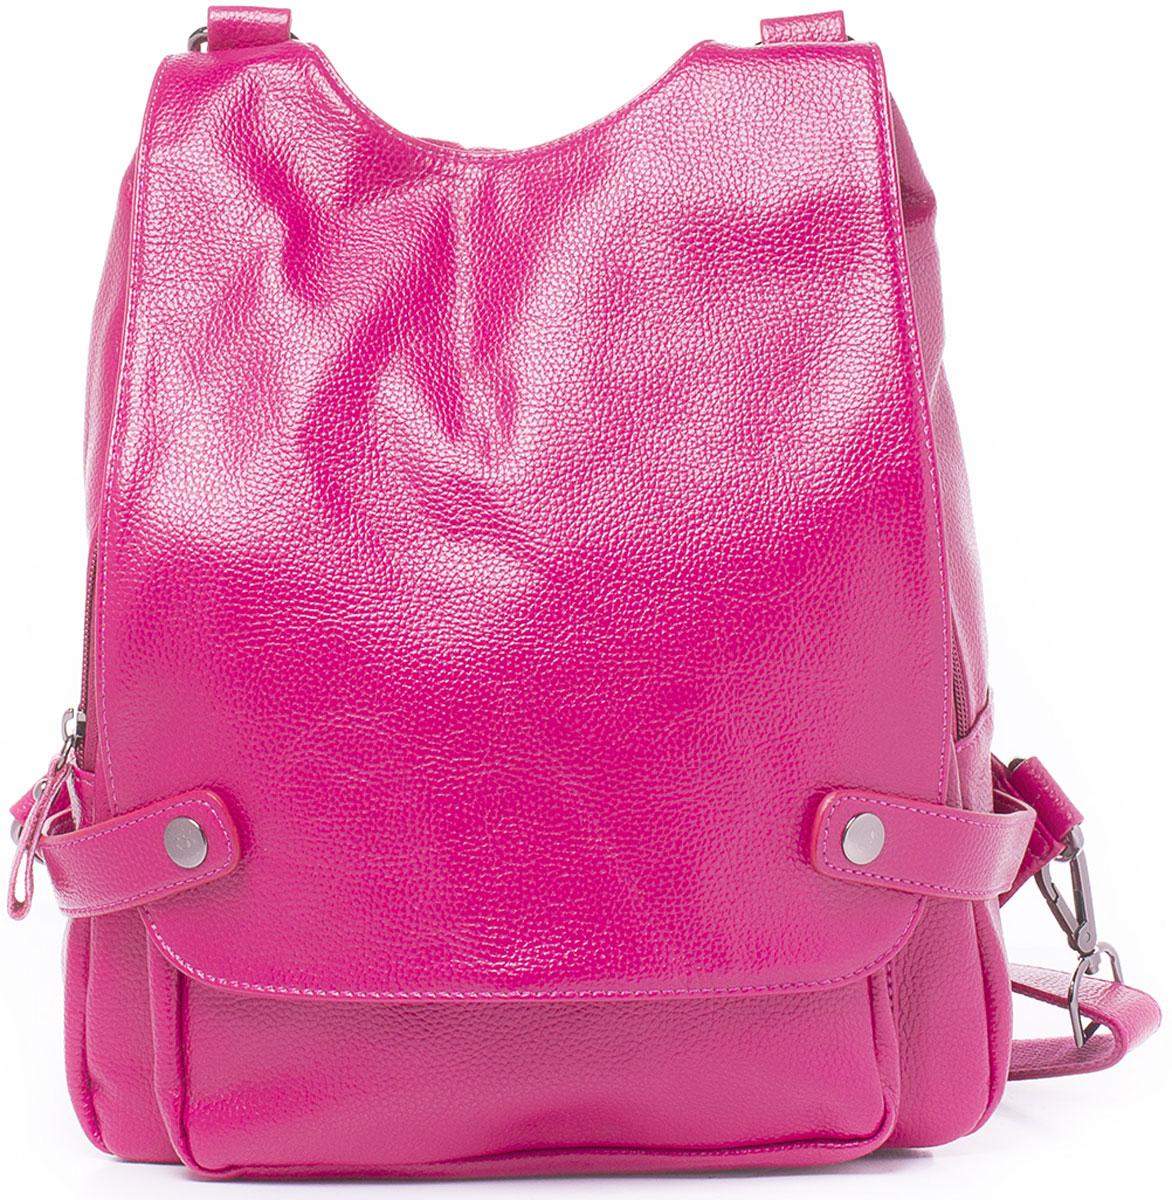 Рюкзак женский Baggini, цвет: фуксия. 29850/643-47660-00504Многофункциональный рюкзак-трансформер Baggini обрадует вас своей практичностью и уникальностью. Рюкзак имеет две отстежные регулируемые наплечные лямки и одну отстежную ручку, все пристегивается и отстегивается на удобных карабинах. Благодаря этому, по вашему желанию, рюкзак может превращаться в сумку. Все передние карманы и отделения рюкзака надежно защищены от нежелательного проникновения большой пристегивающейся на кнопки крышкой. Под крышкой находится один вместительный накладной наружный карман на магнитной кнопке и главное отделение на застежке-молнии. Внутри отделения имеются два накладных кармашка для телефона или мелочей, один прорезной карман на застежке-молнии, карман-разделитель, так же на молнии, и накладной карман за ним. Снаружи рюкзака так же имеется один вертикальный прорезной карман на застежке-молнии, он находится на спинке изделия. Изделие исполнено из высококачественной экокожи. Обе отстежные лямки и ручка прилагаются.